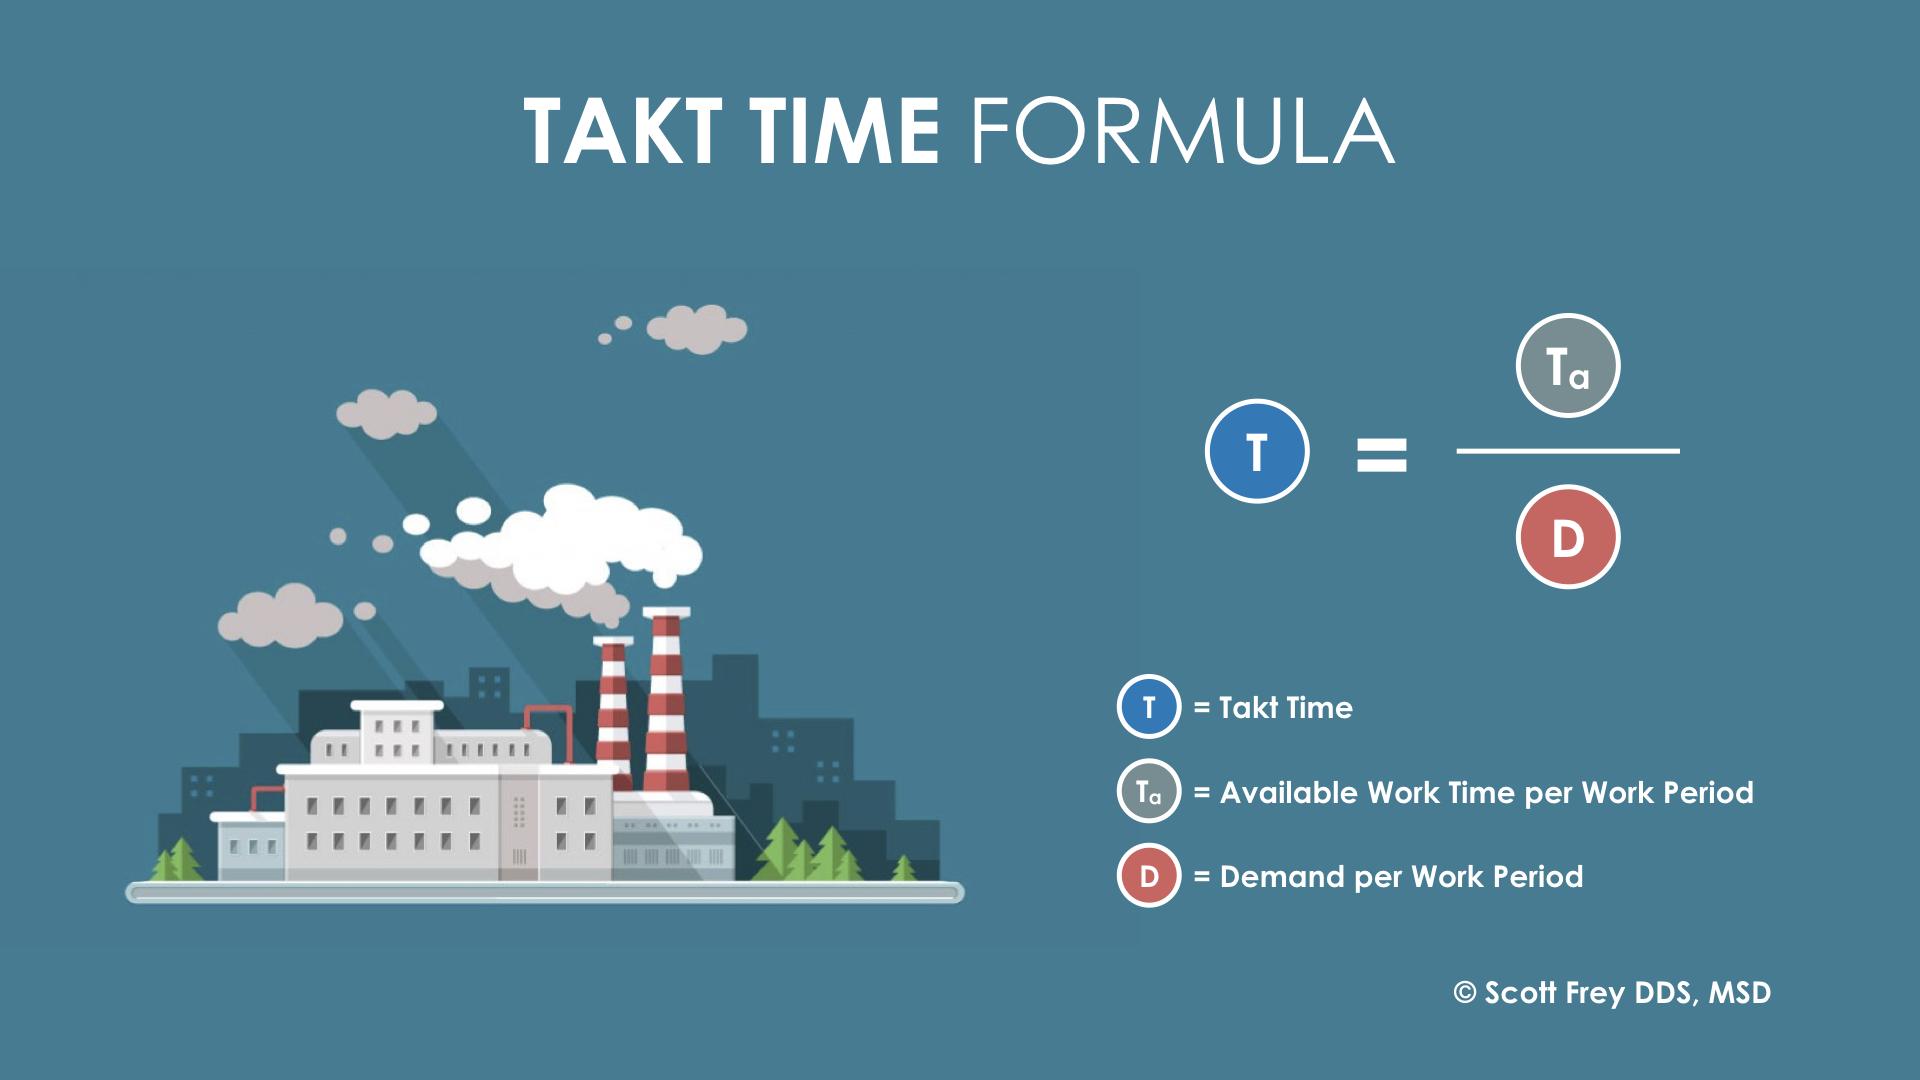 Takt Time Formula